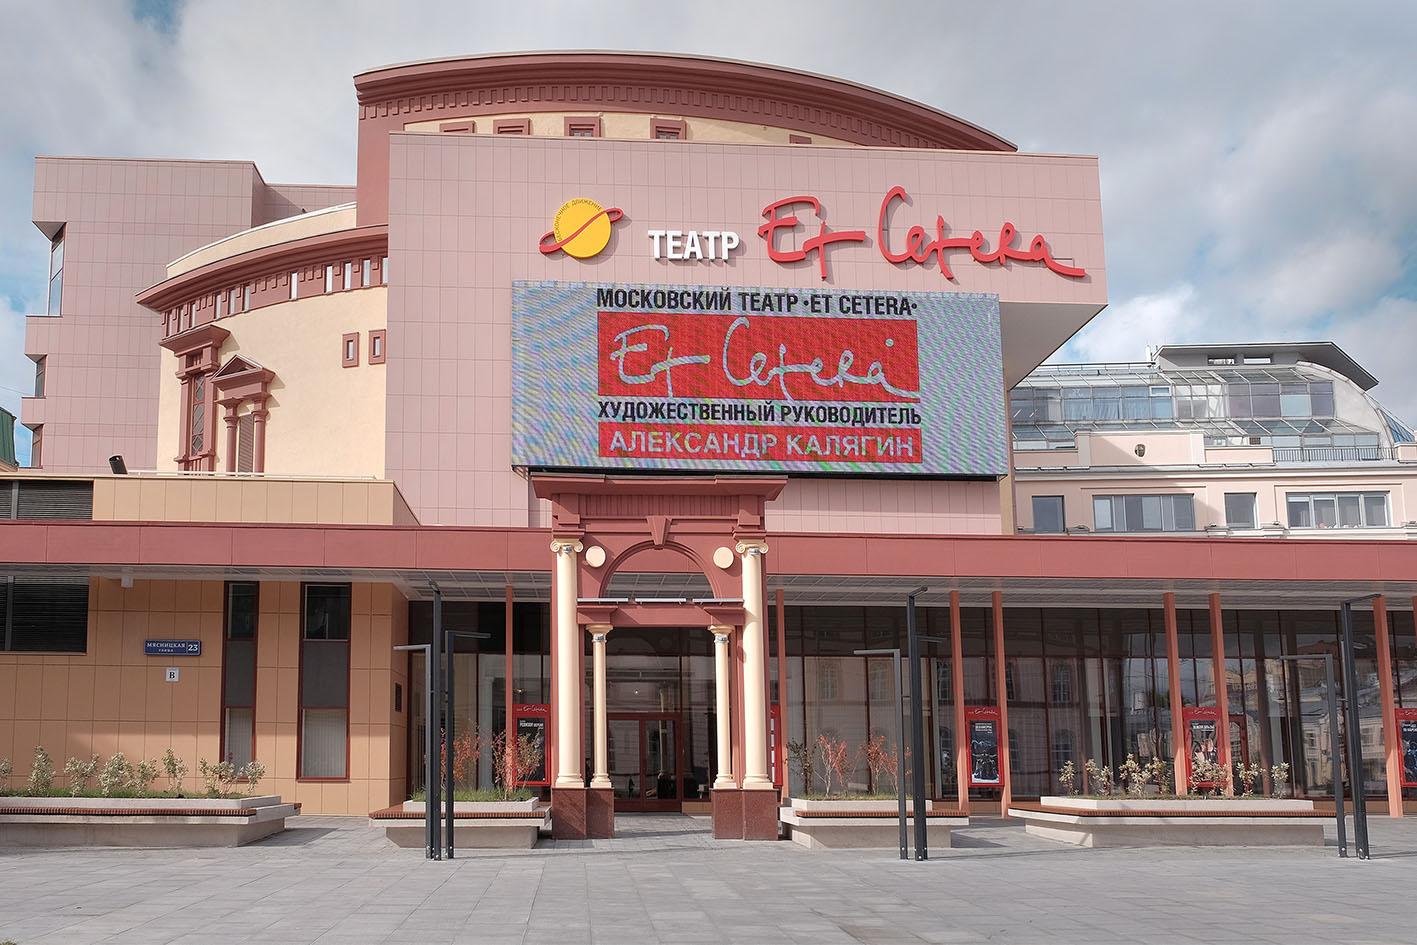 Театр калягина официальный сайт цены на билеты афиша театров февраль 2017 года